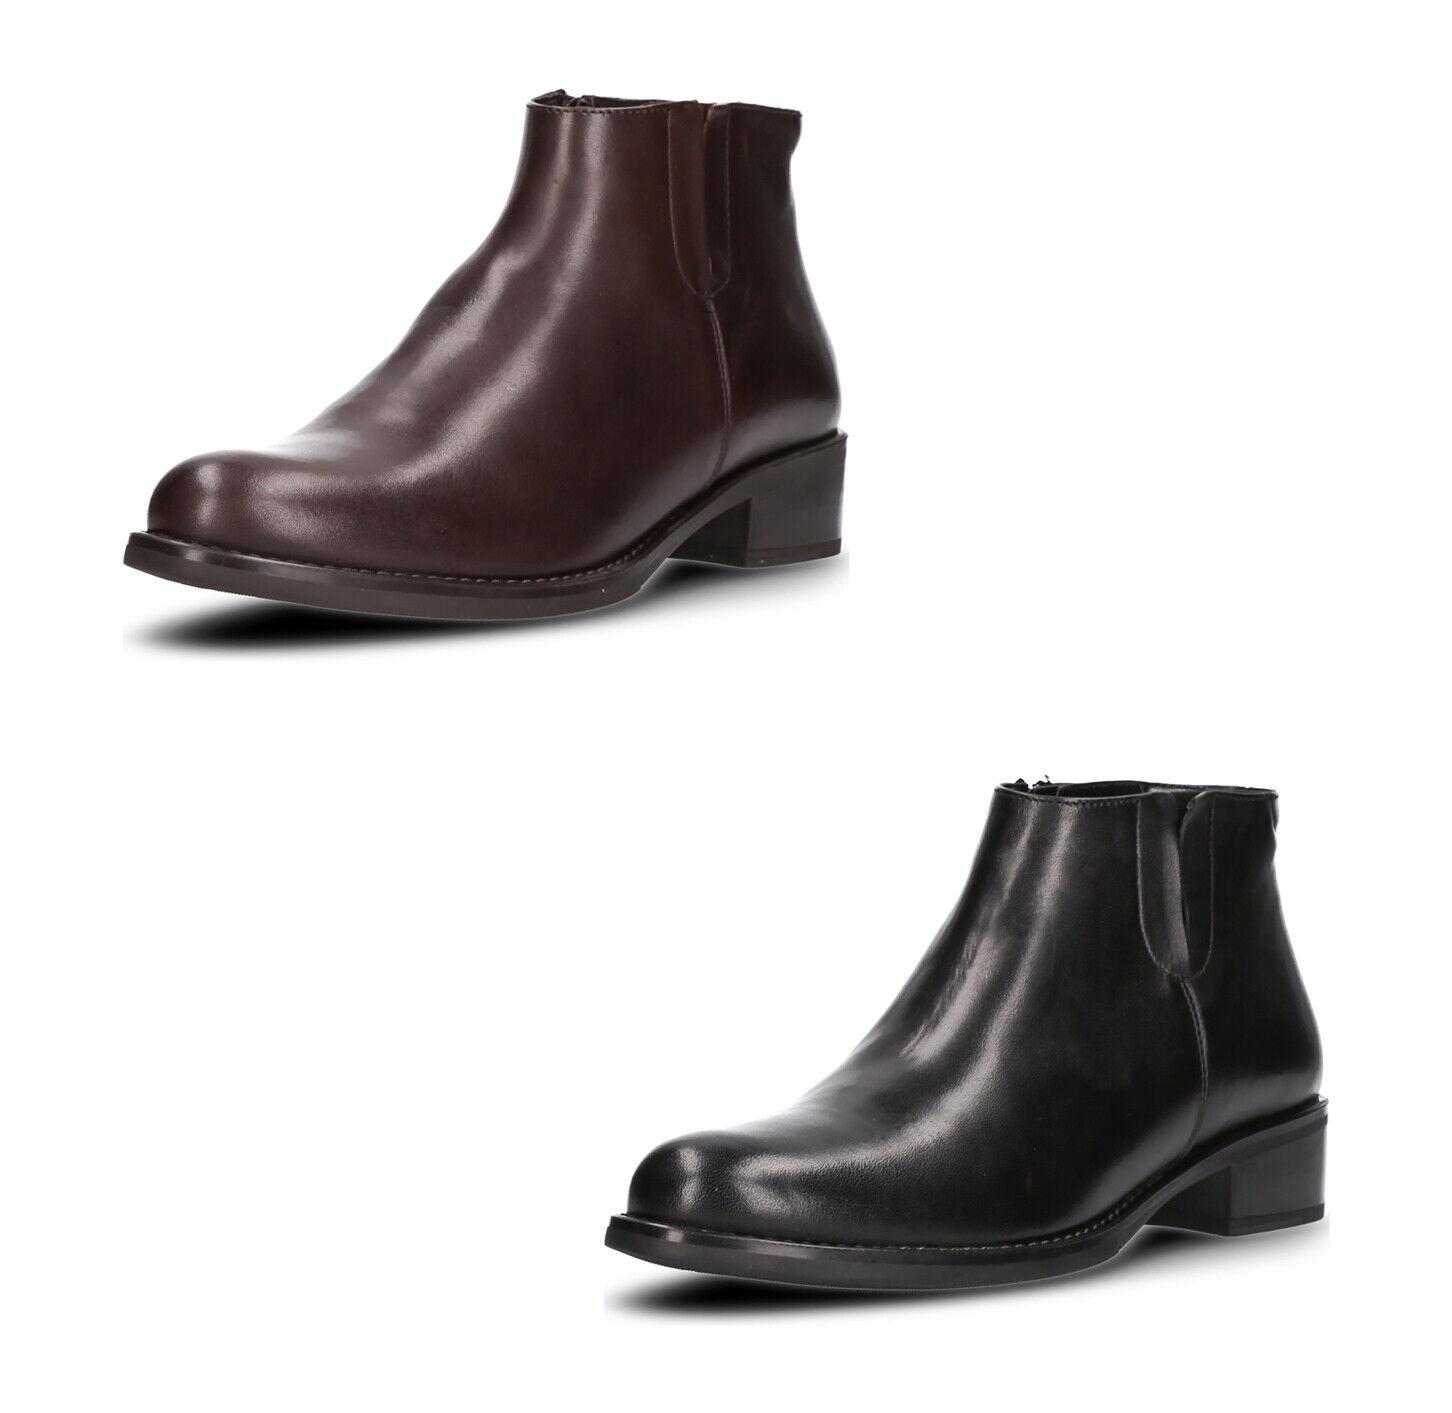 Cafèschwarz Damen SCHUHE Schuhe Größe 37 38